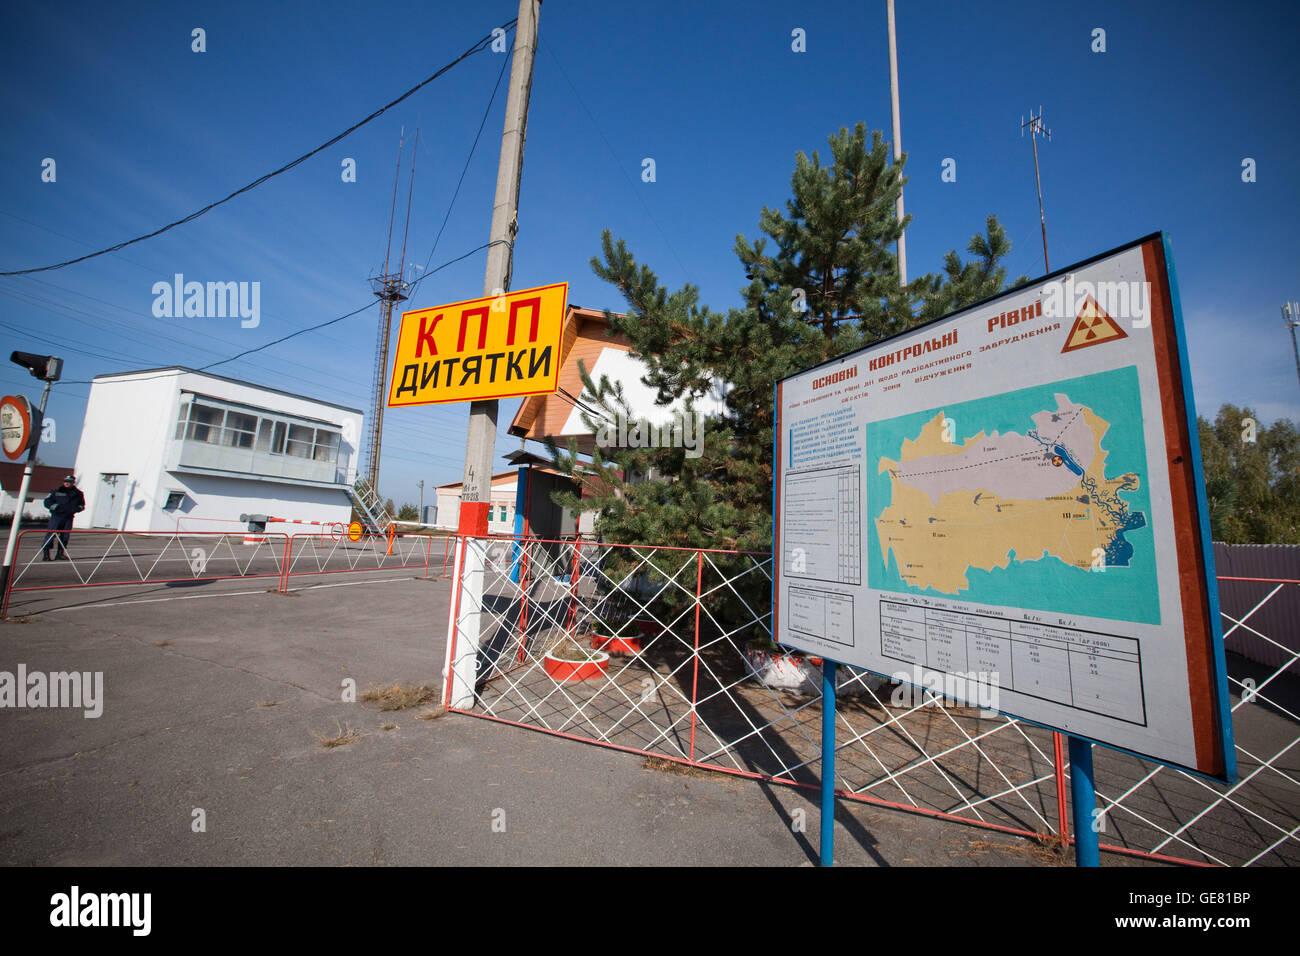 Chernobyl exclusion zone, Ukraine - Stock Image